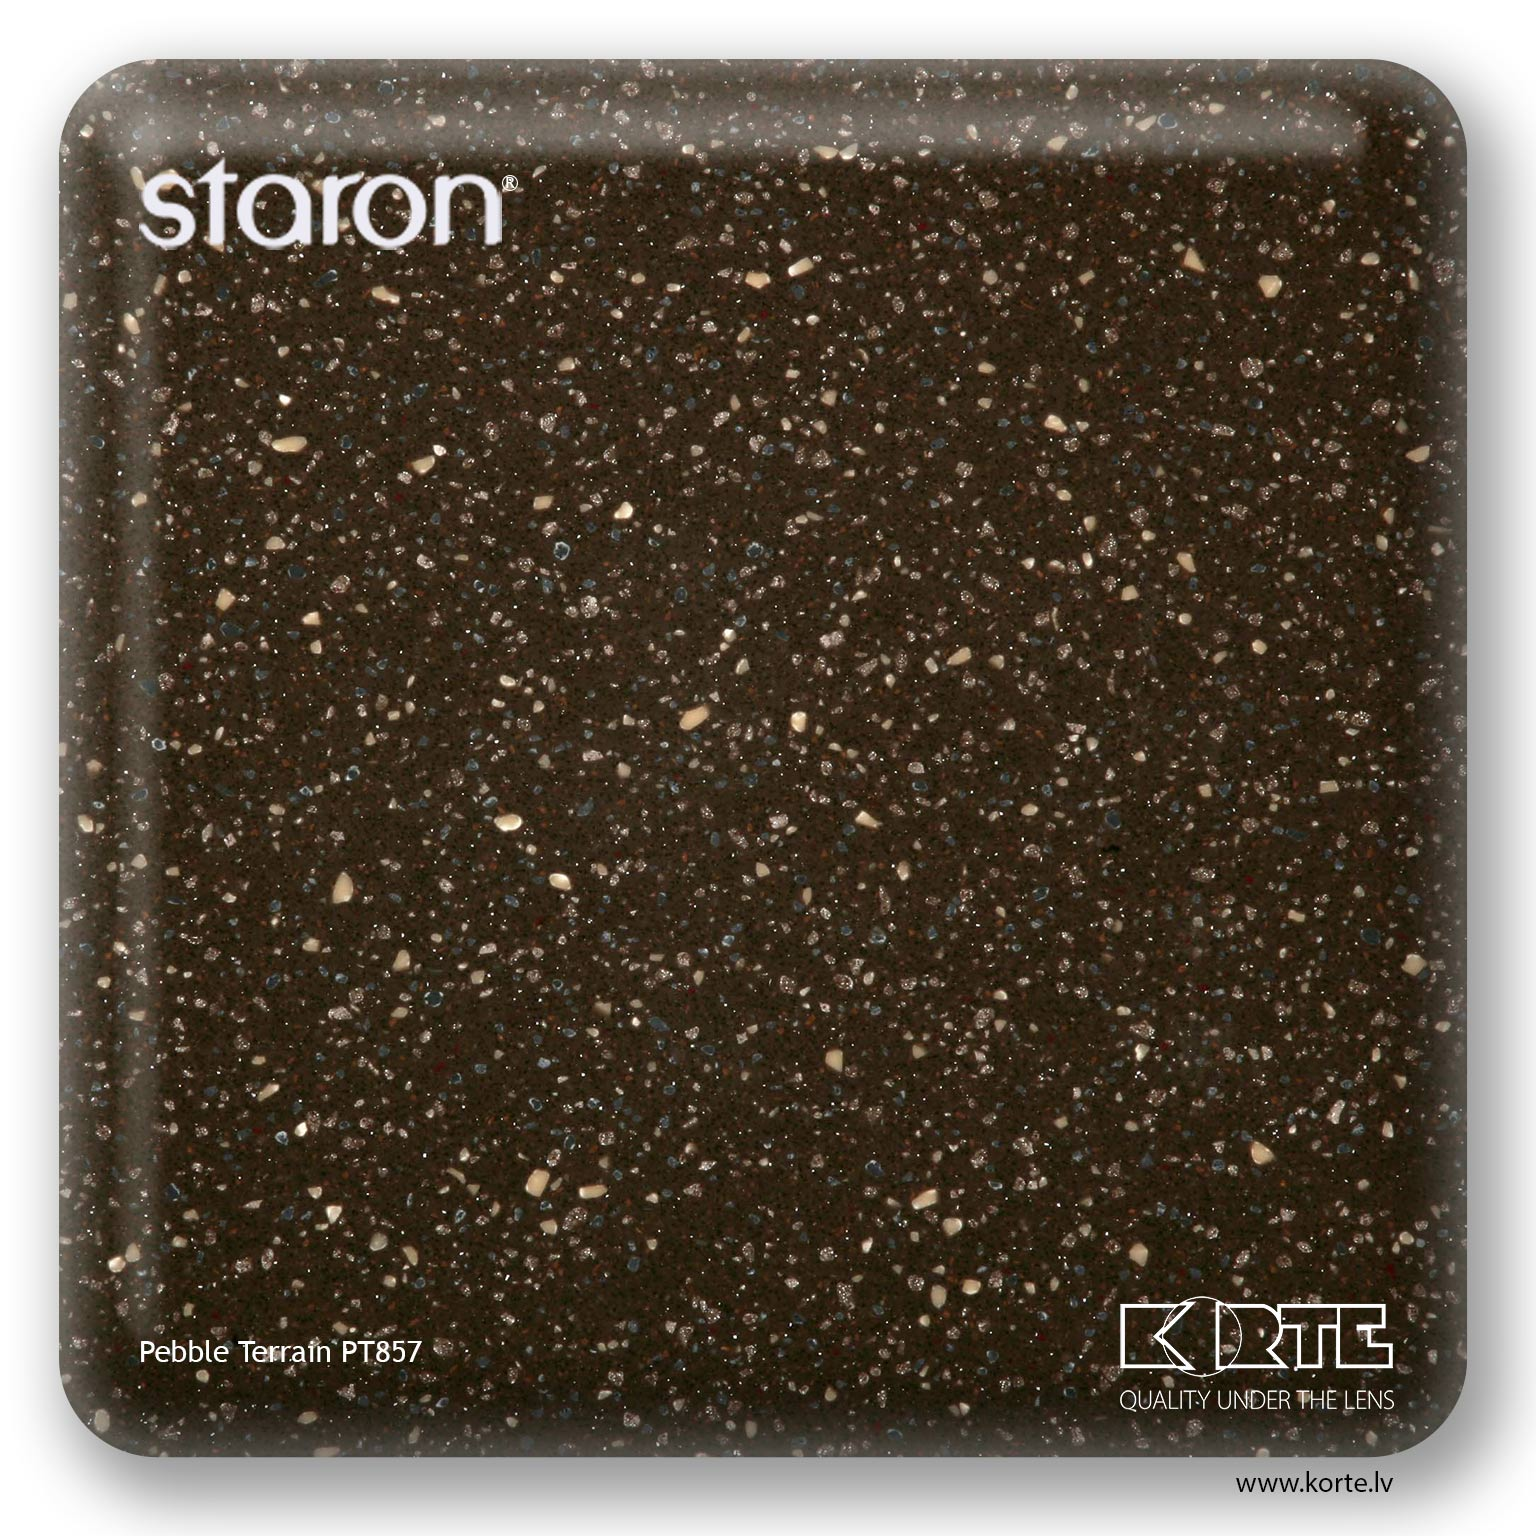 Staron Pebble Terrain PT857